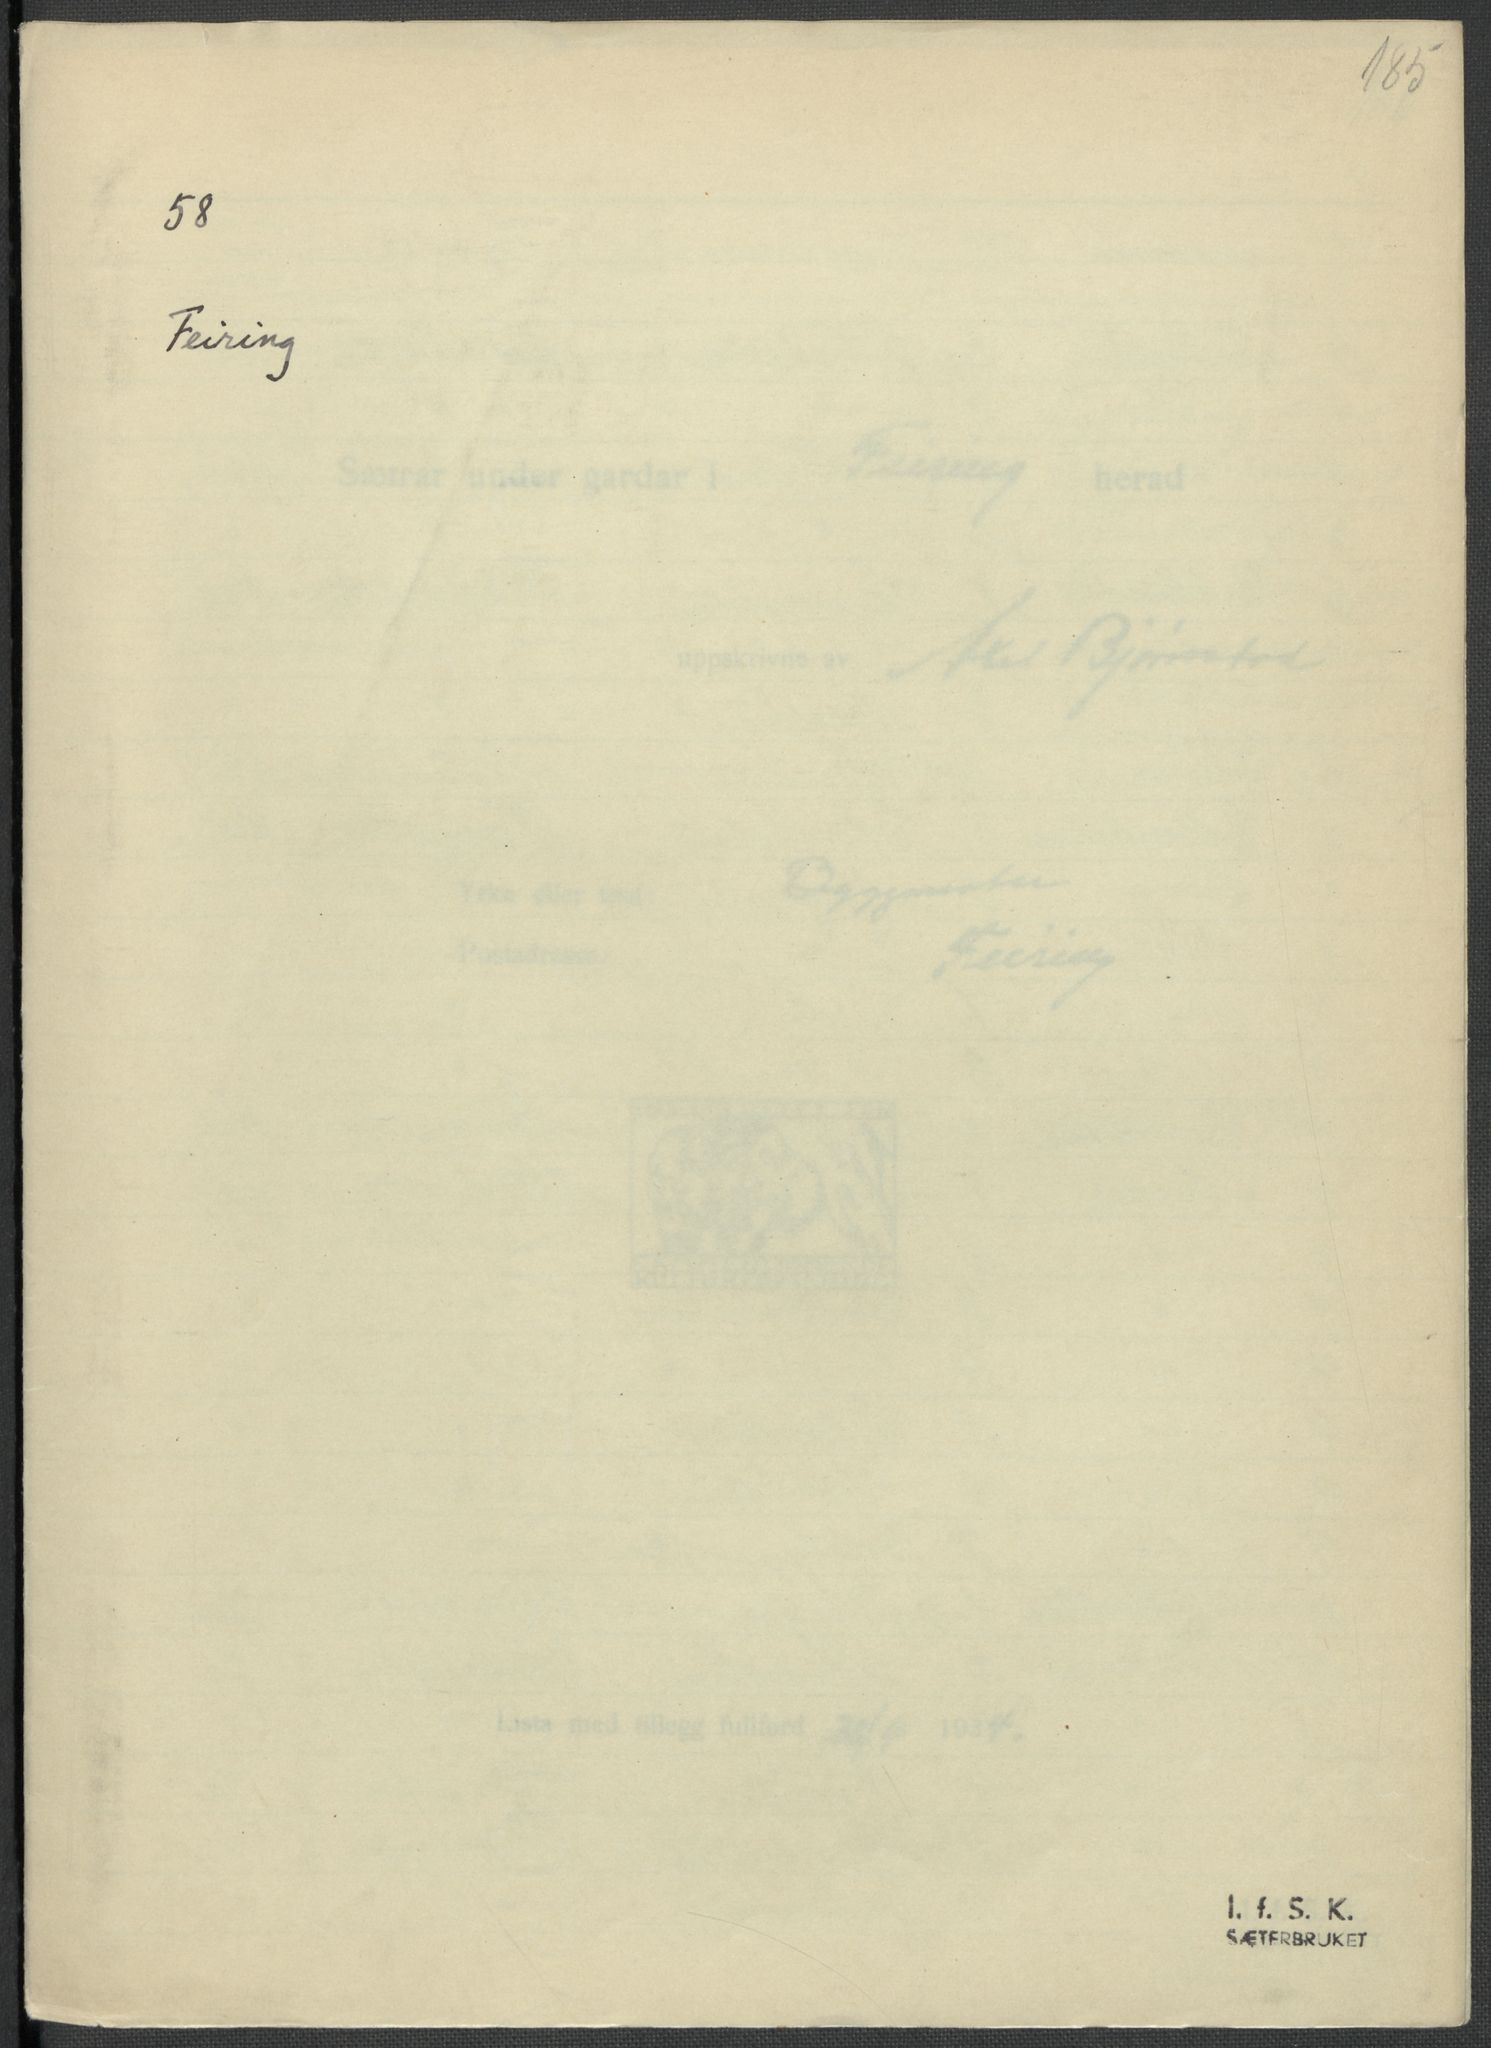 RA, Instituttet for sammenlignende kulturforskning, F/Fc/L0002: Eske B2:, 1932-1936, s. 185